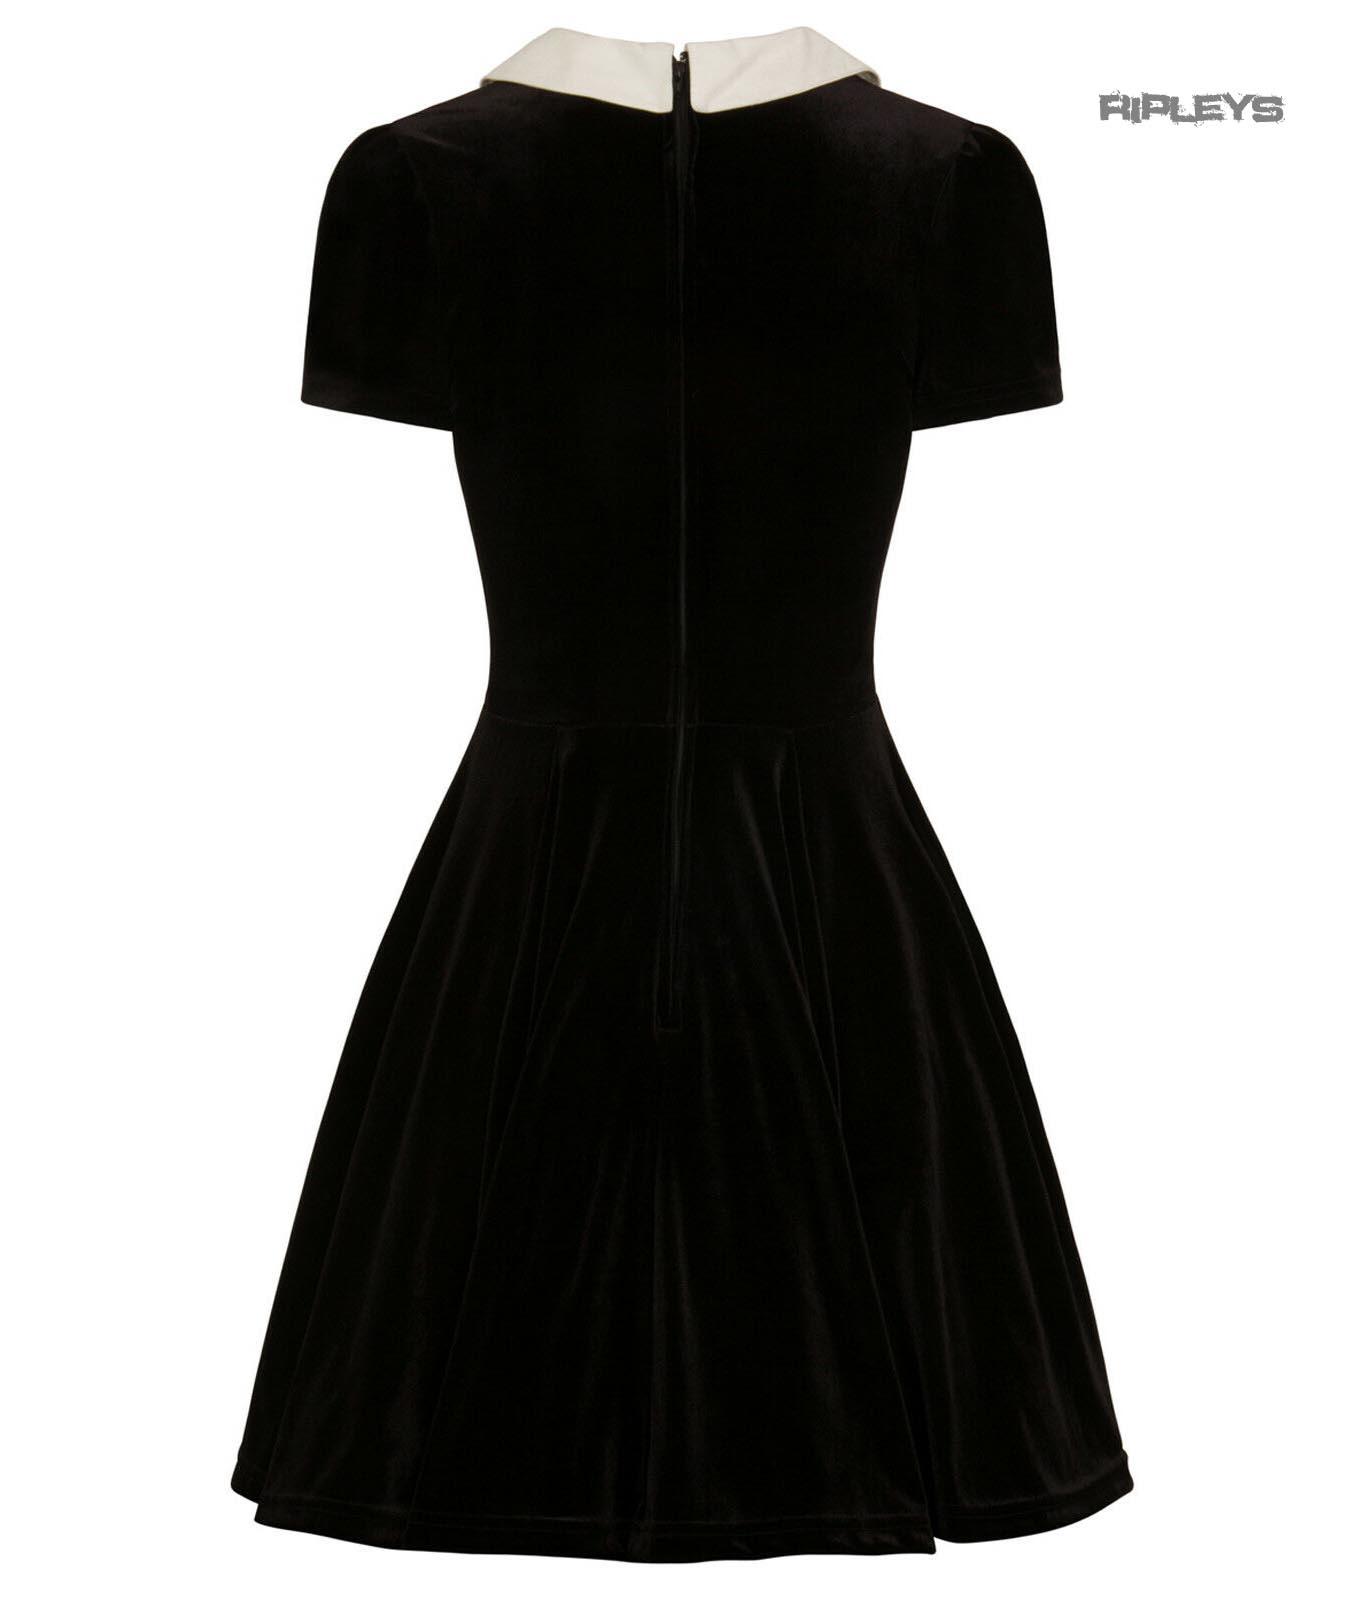 Hell-Bunny-Goth-Mini-Skater-Dress-NIGHTSHADE-Poison-Cherry-Black-Velvet-All-Size thumbnail 12